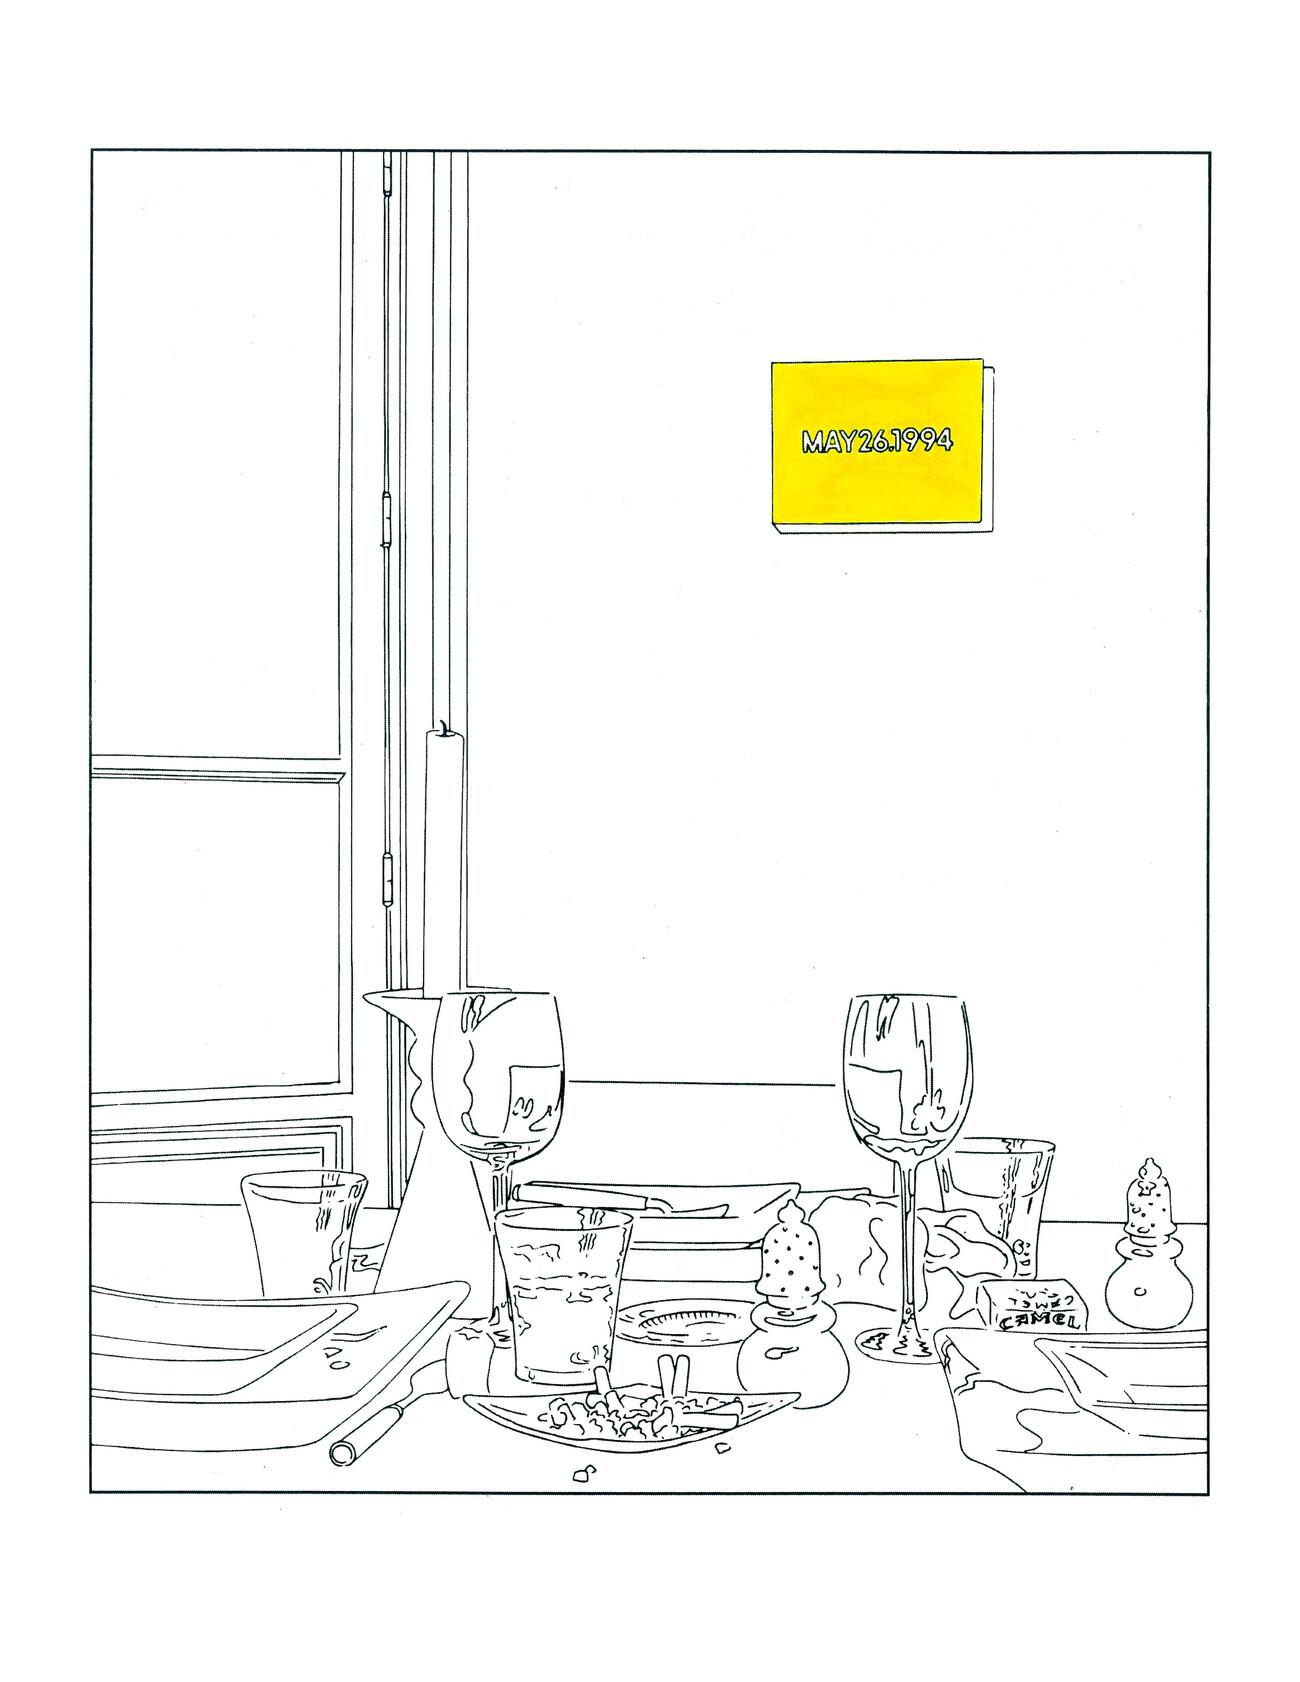 Steve Giasson. Performance invisible n° 178 (Être non essentiel). D'après Louise Lawler. Still Life (Candle) (traced). 2003/2013. In Louise Lawler. Louise Lawler's Tracings for You. Magazine, Museum of Modern Art, New York, 25 mars 2020. Gouache et impression numérique sur papier cartonné. 21,5 cm x 27,94 cm. Performeur : Steve Giasson. Crédit photographique : Steve Giasson. 25 septembre 2020.